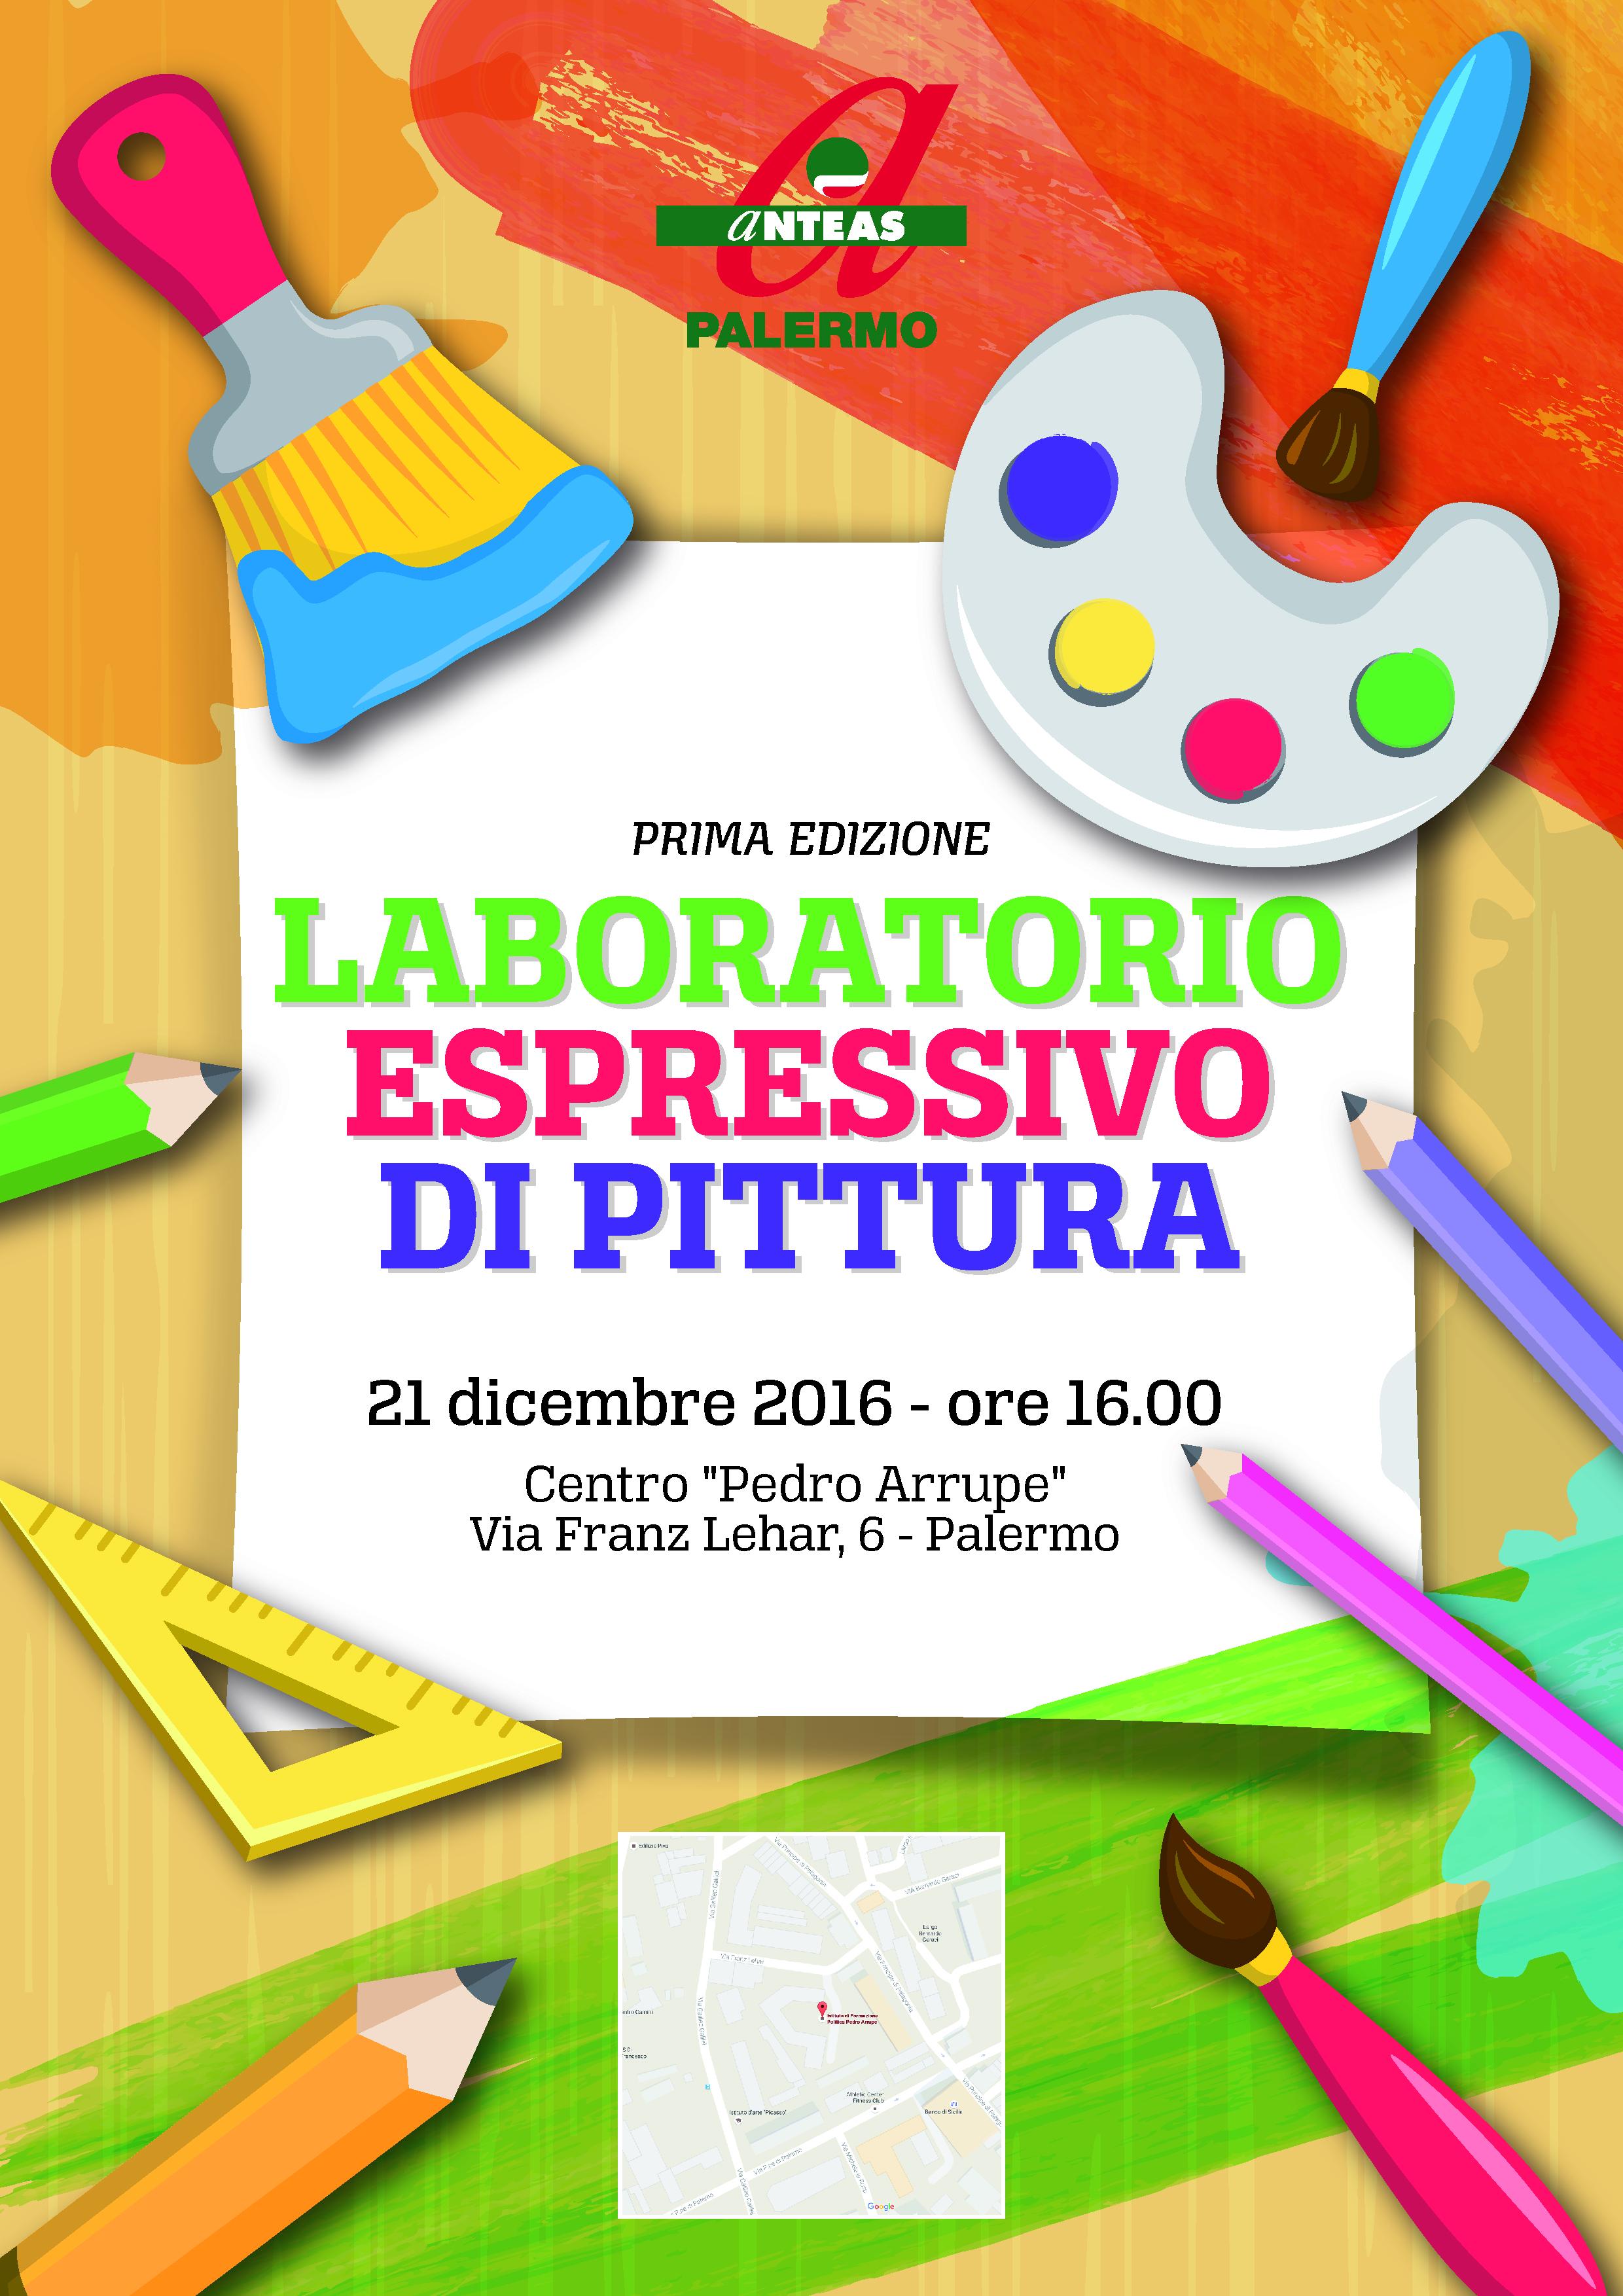 anteas palermo_laboratorio espressivo di pittura_211122016-01